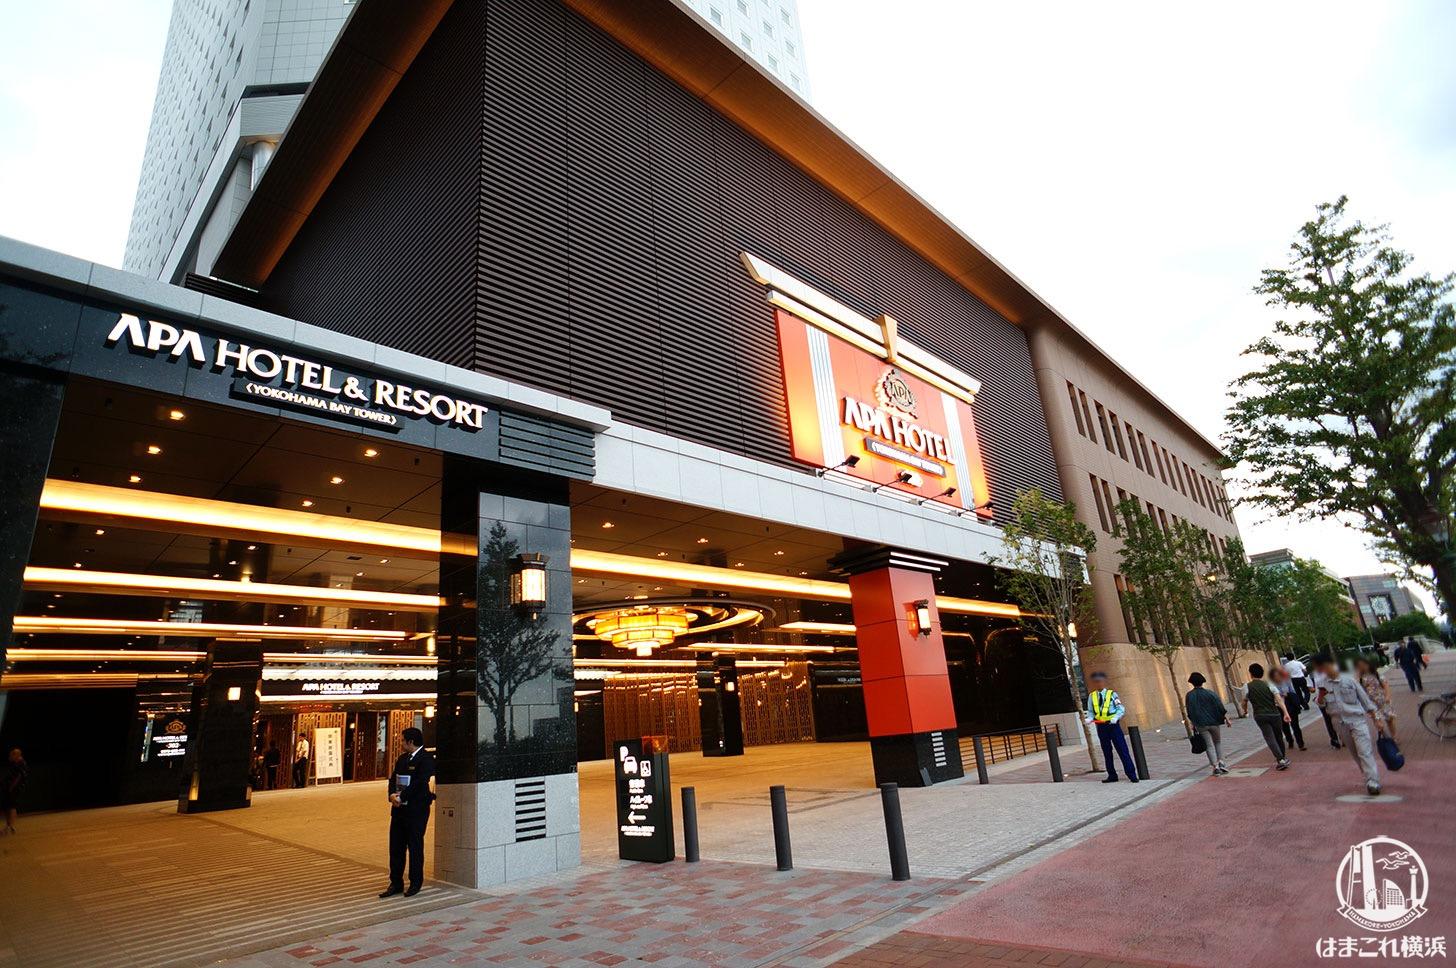 アパホテル&リゾート 横浜ベイタワー 外観・入り口